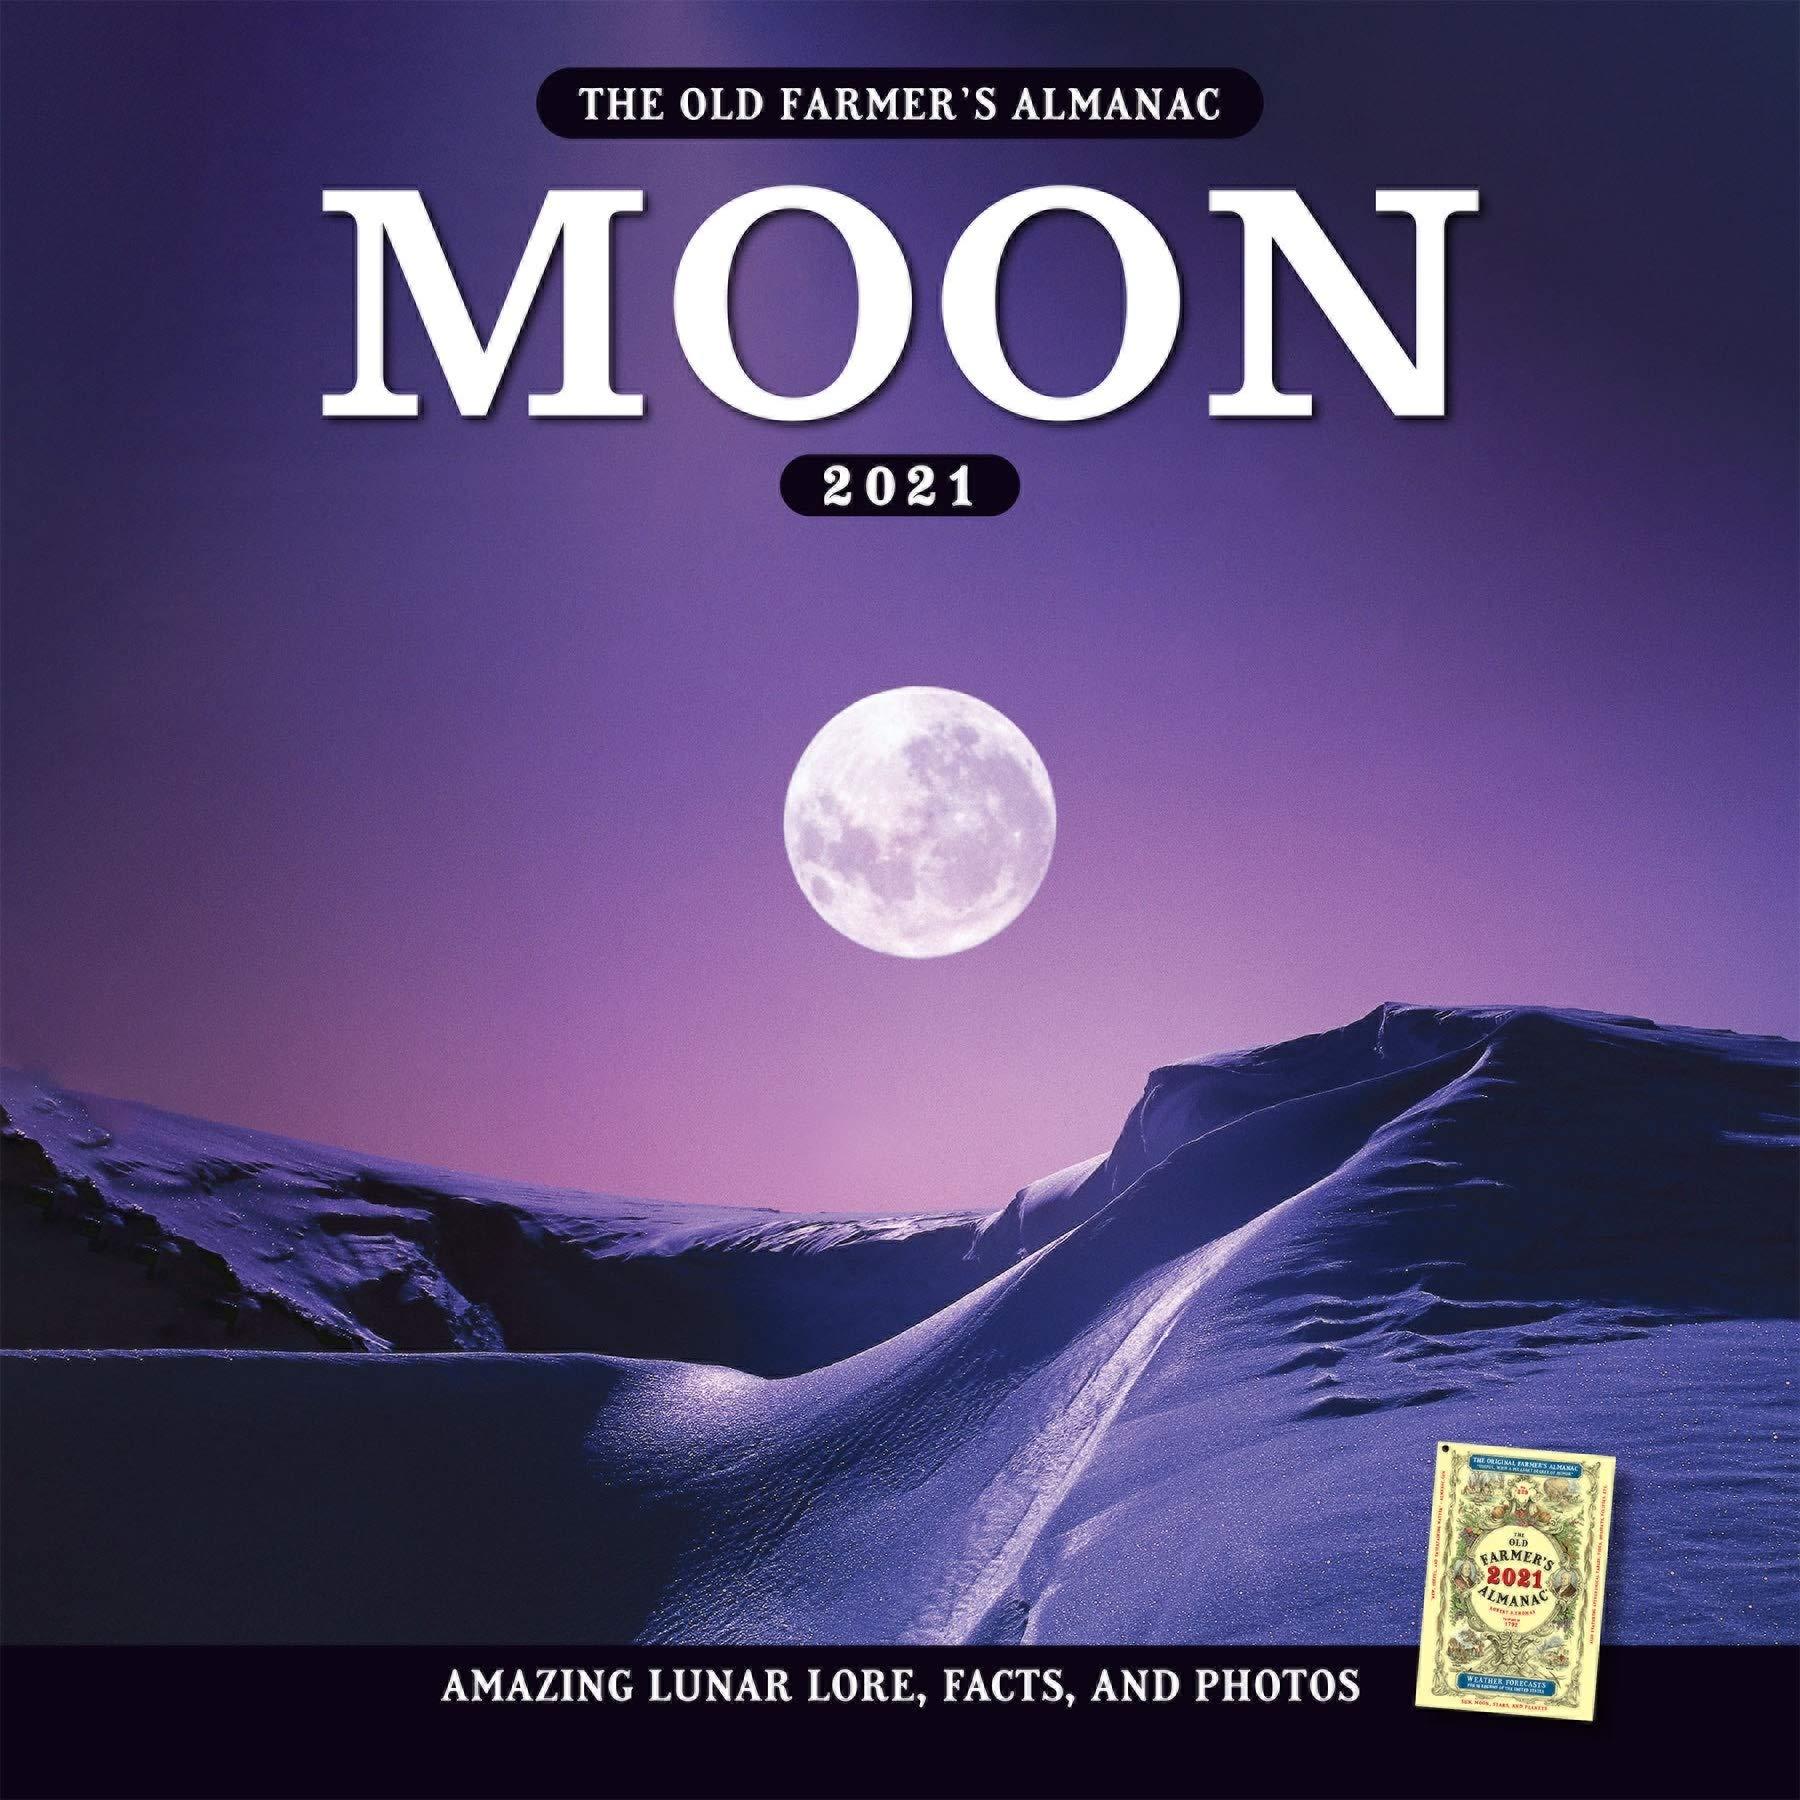 The 2021 Old Farmer's Almanac Moon Calendar: Old Farmer's Almanac